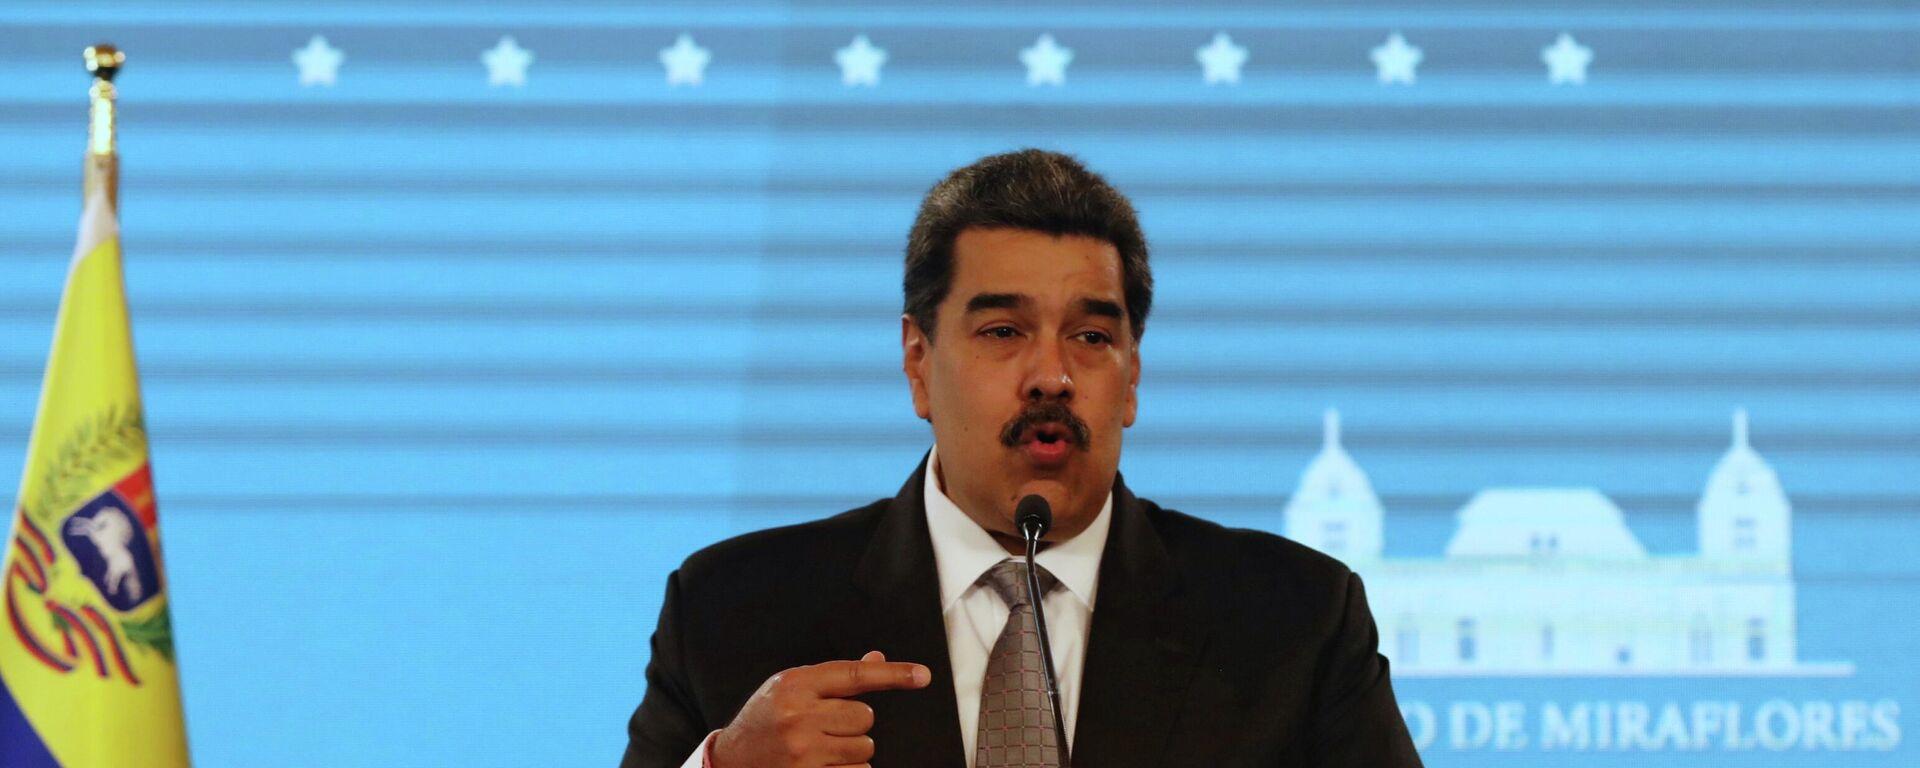 Nicolás Maduro, presidente de Venezuela - Sputnik Mundo, 1920, 13.07.2021